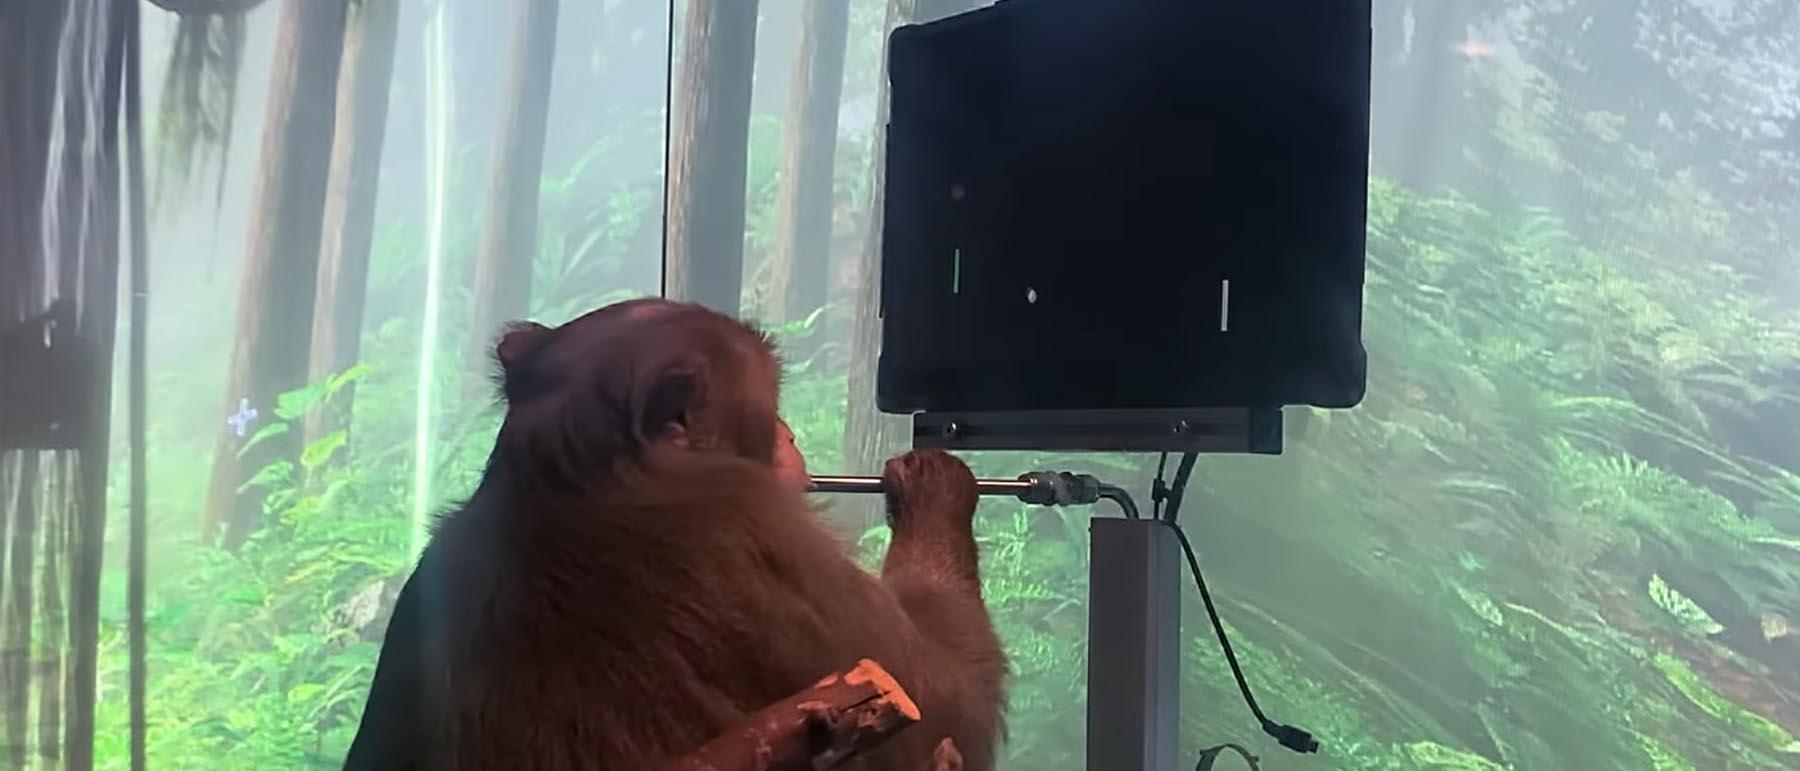 Ein Affe, der ein Pong-Spiel mit Gedankenkraft kontrolliert.